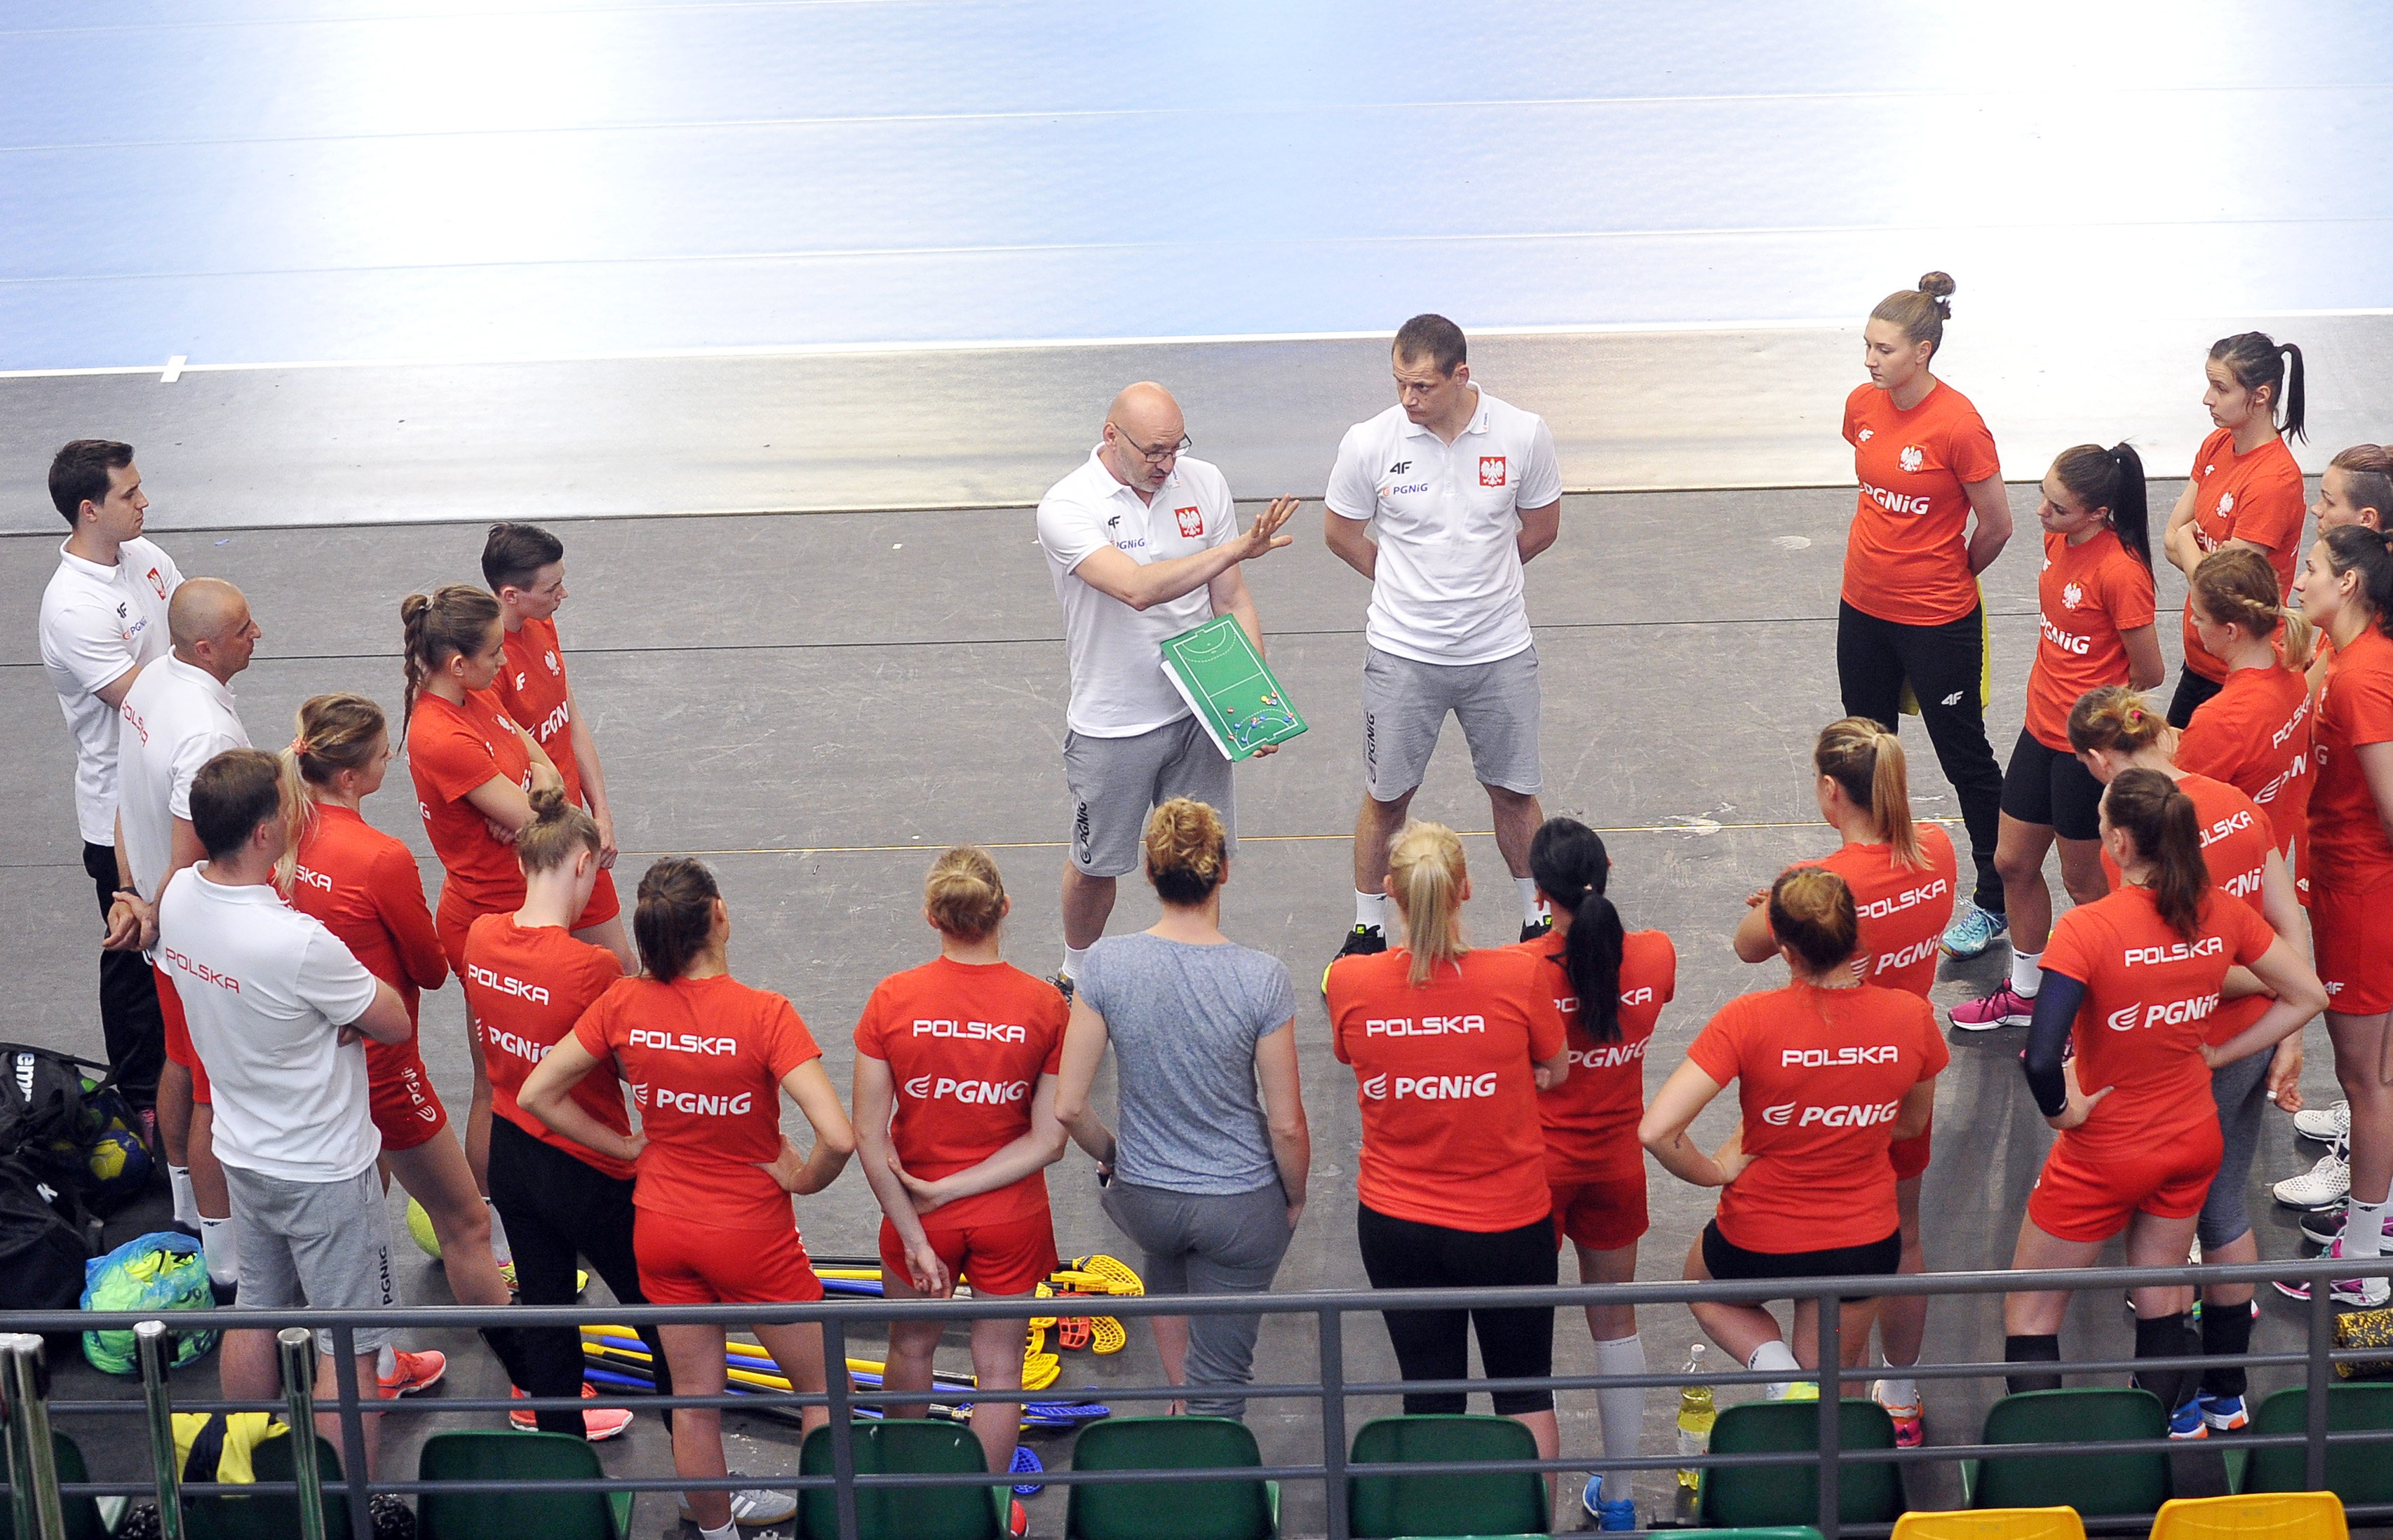 2017.05.29 Kielce Pilka Reczna Handball Trening reprezentacji kobiet Kadra A N/z Leszek Krowicki Adrian Struzik Foto Norbert Barczyk / PressFocus